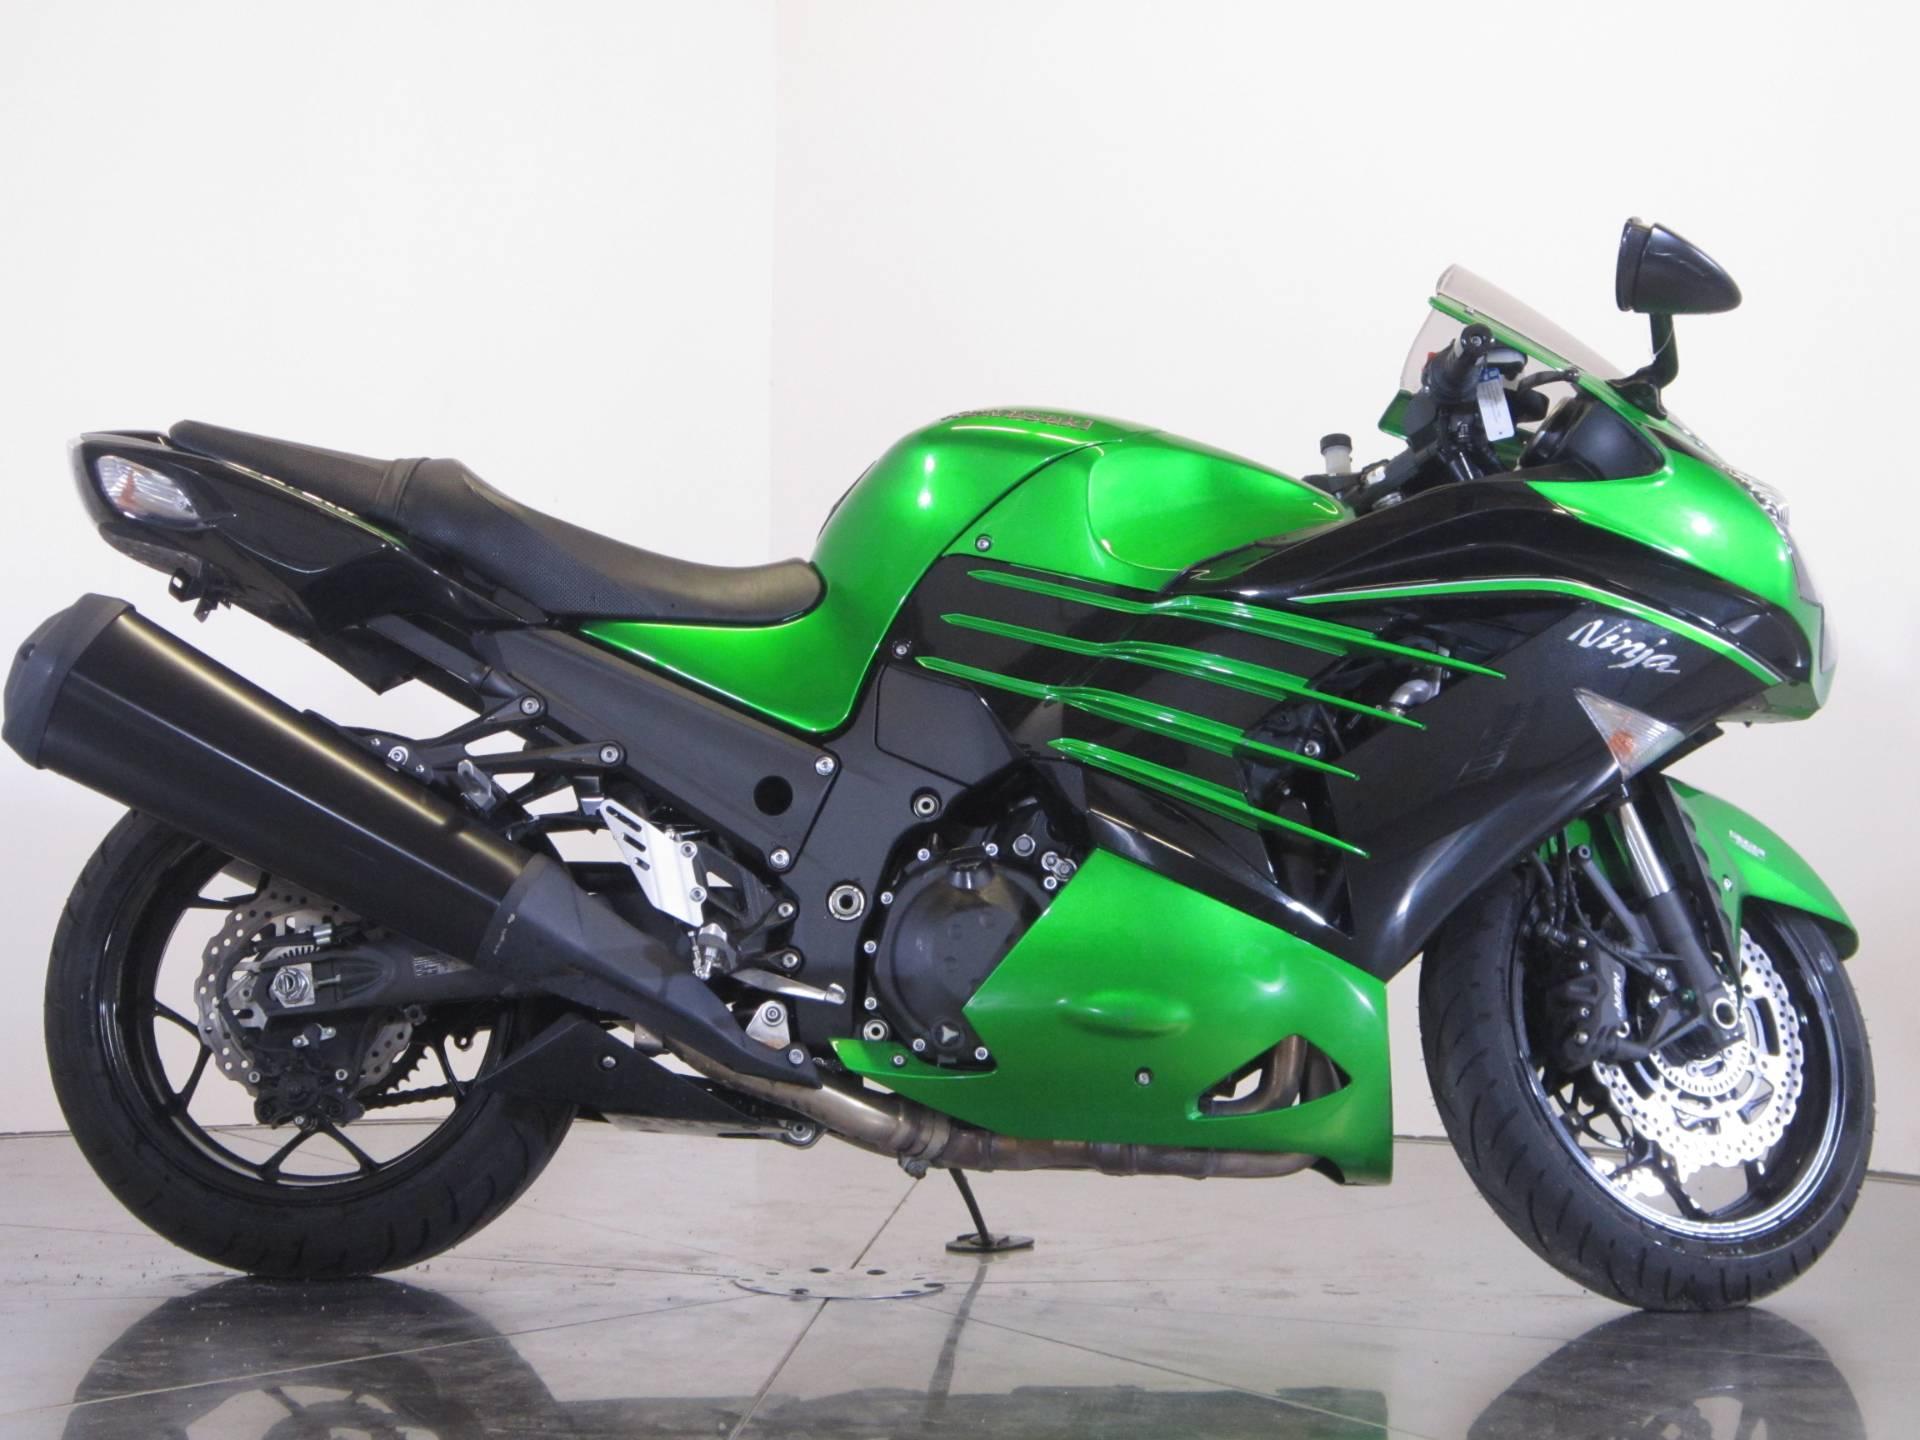 2015 Kawasaki Ninja ZX-14R ABS 1